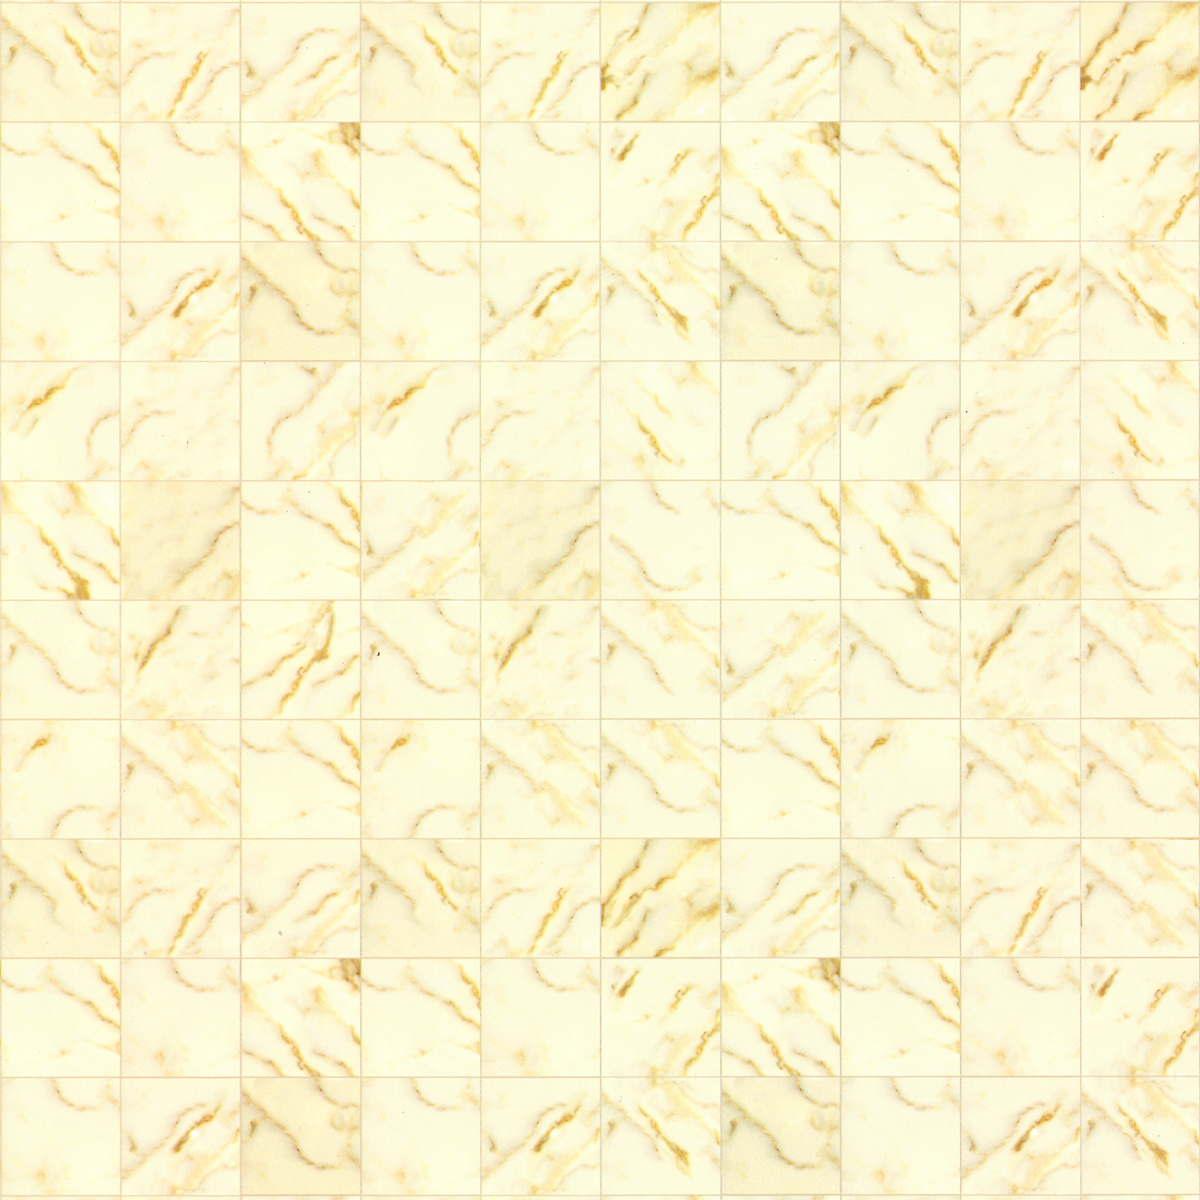 Marmorplatten-Folie, beige, 670 x 470 mm